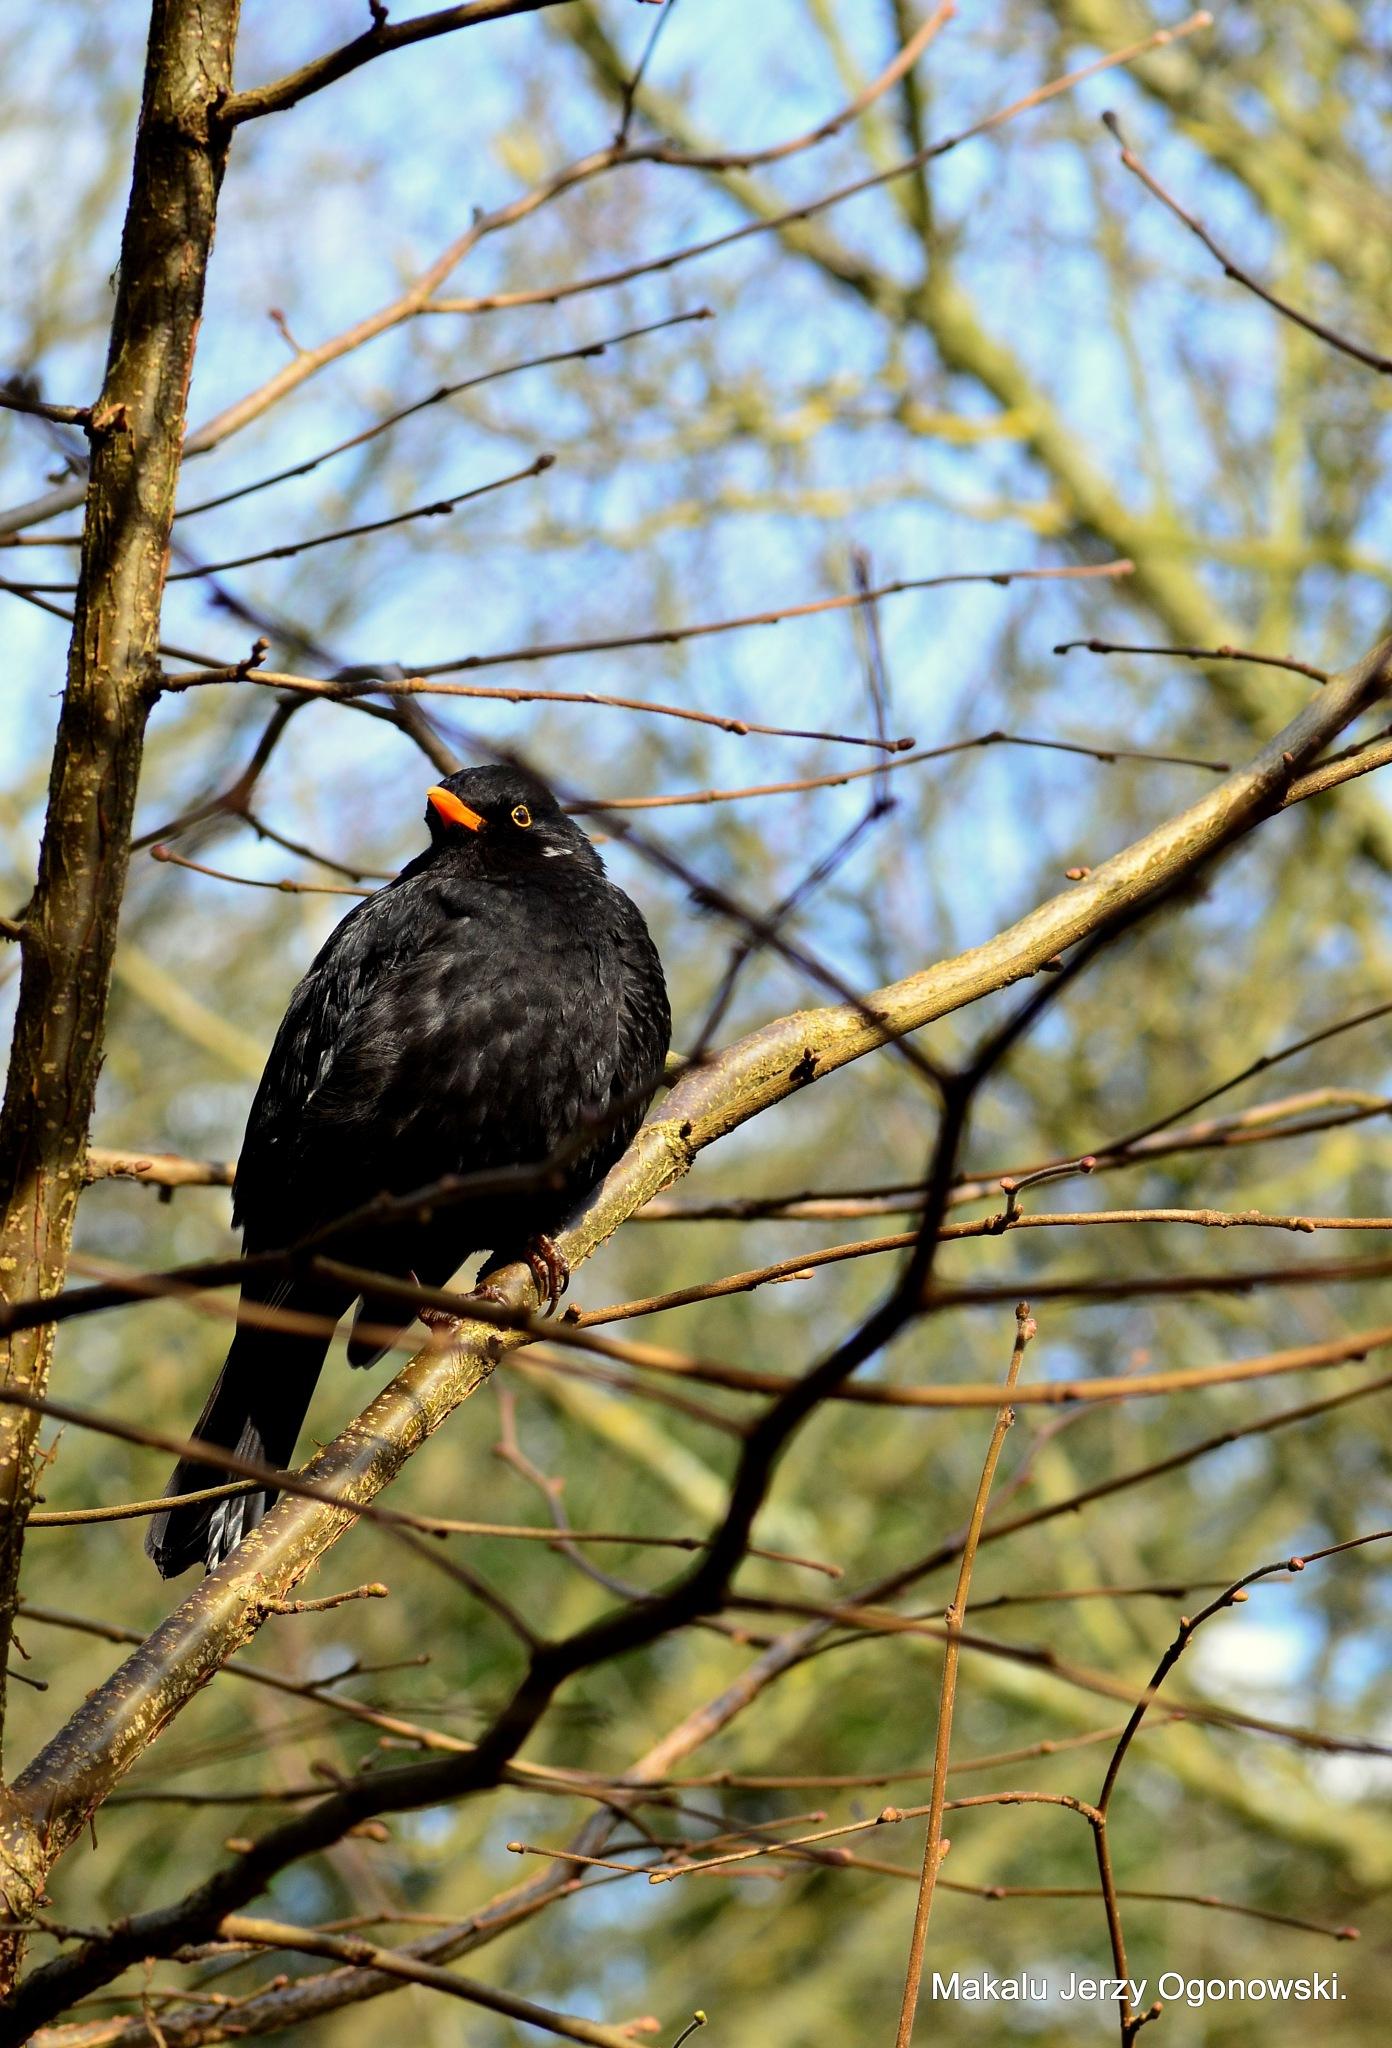 Blackbird Male by Makalu Jerzy Ogonowski